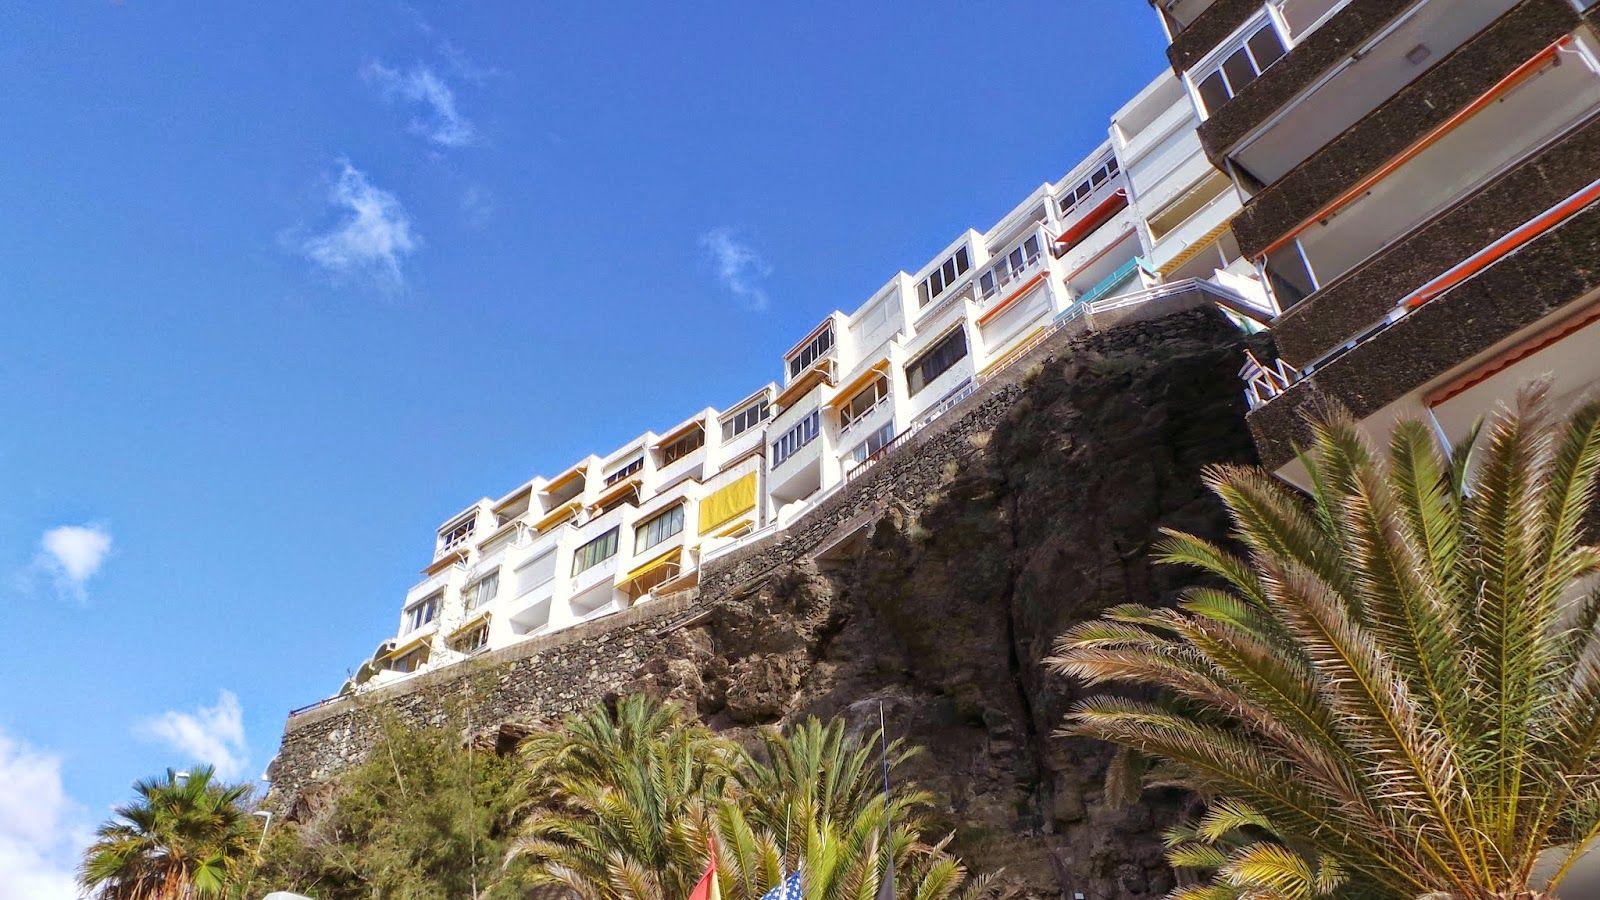 CANARIAS  FOTOS   Canary Islands Photos: Turismo de Apartamentos ...San Agustin....Maspalom...